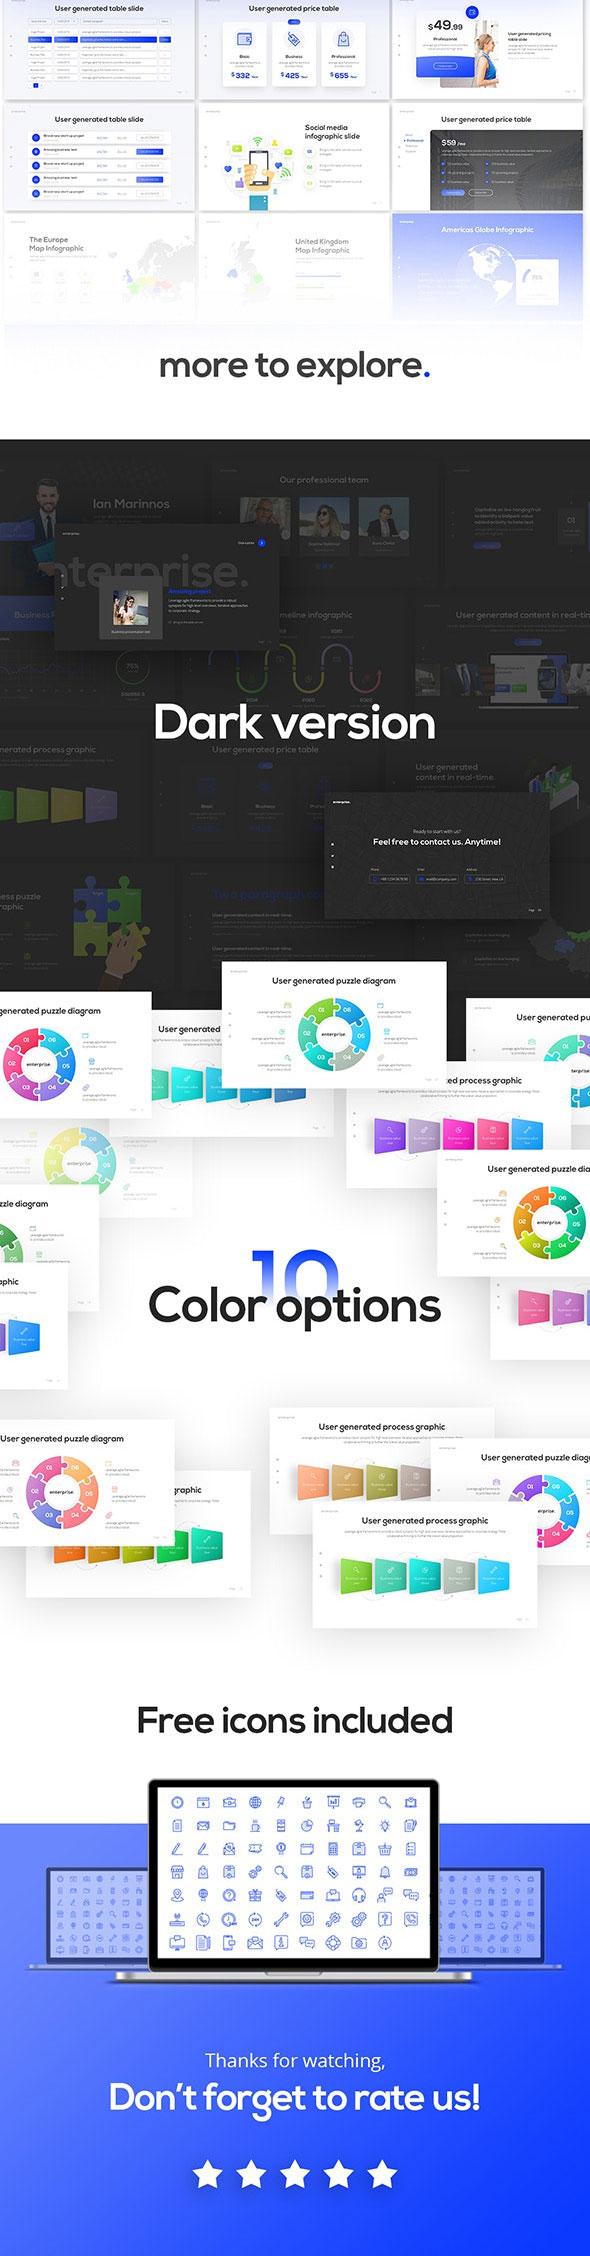 强大简约蓝色企业业务报表计划书PPT演示文稿设计模板 Enterprise Business PowerPoint Presentation Template插图(3)